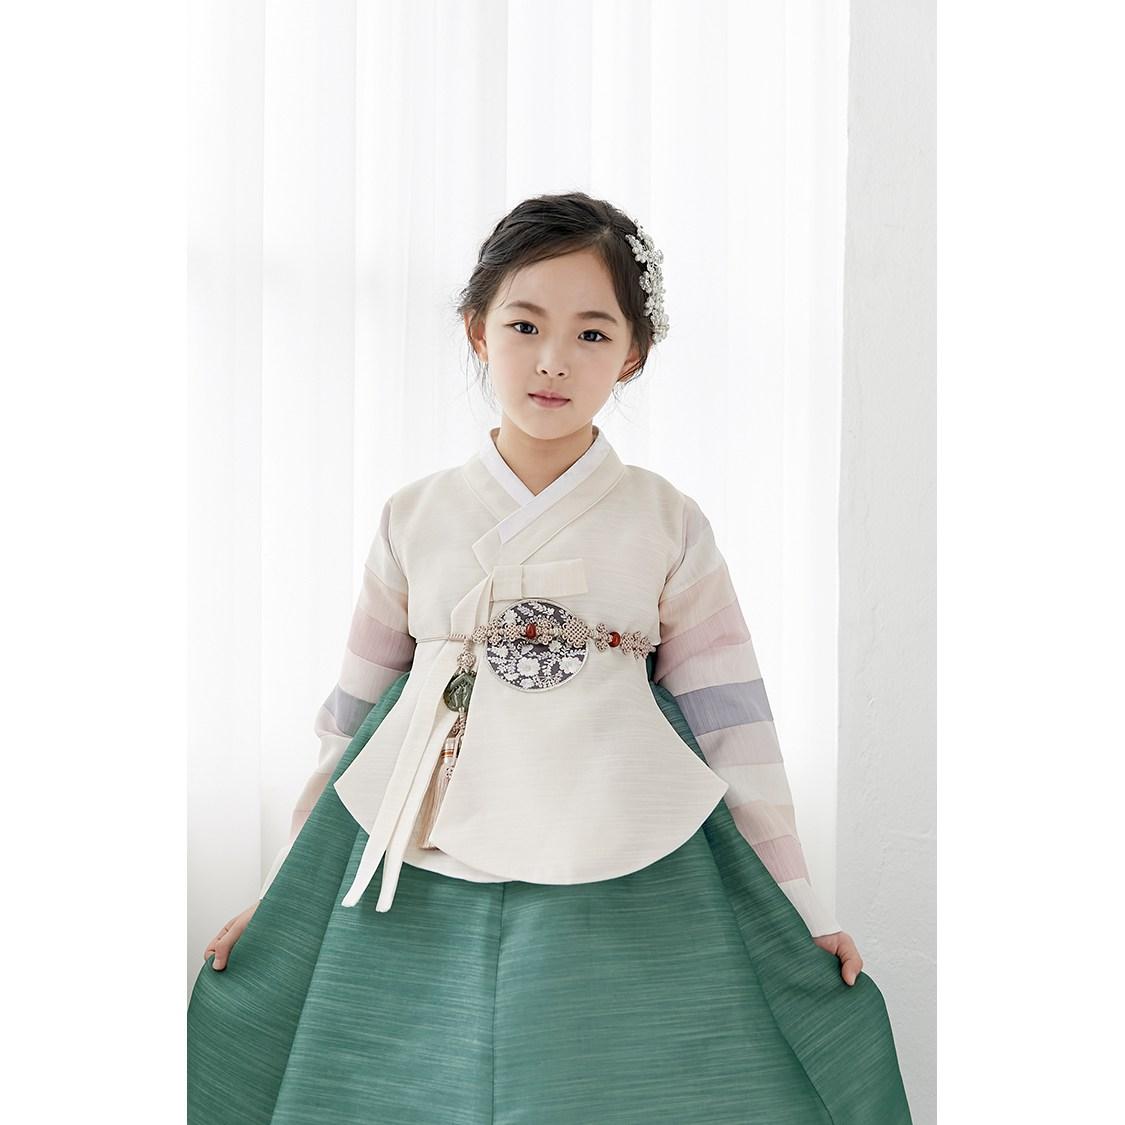 르루한복 연아 초록 주니어한복-27-2029293653